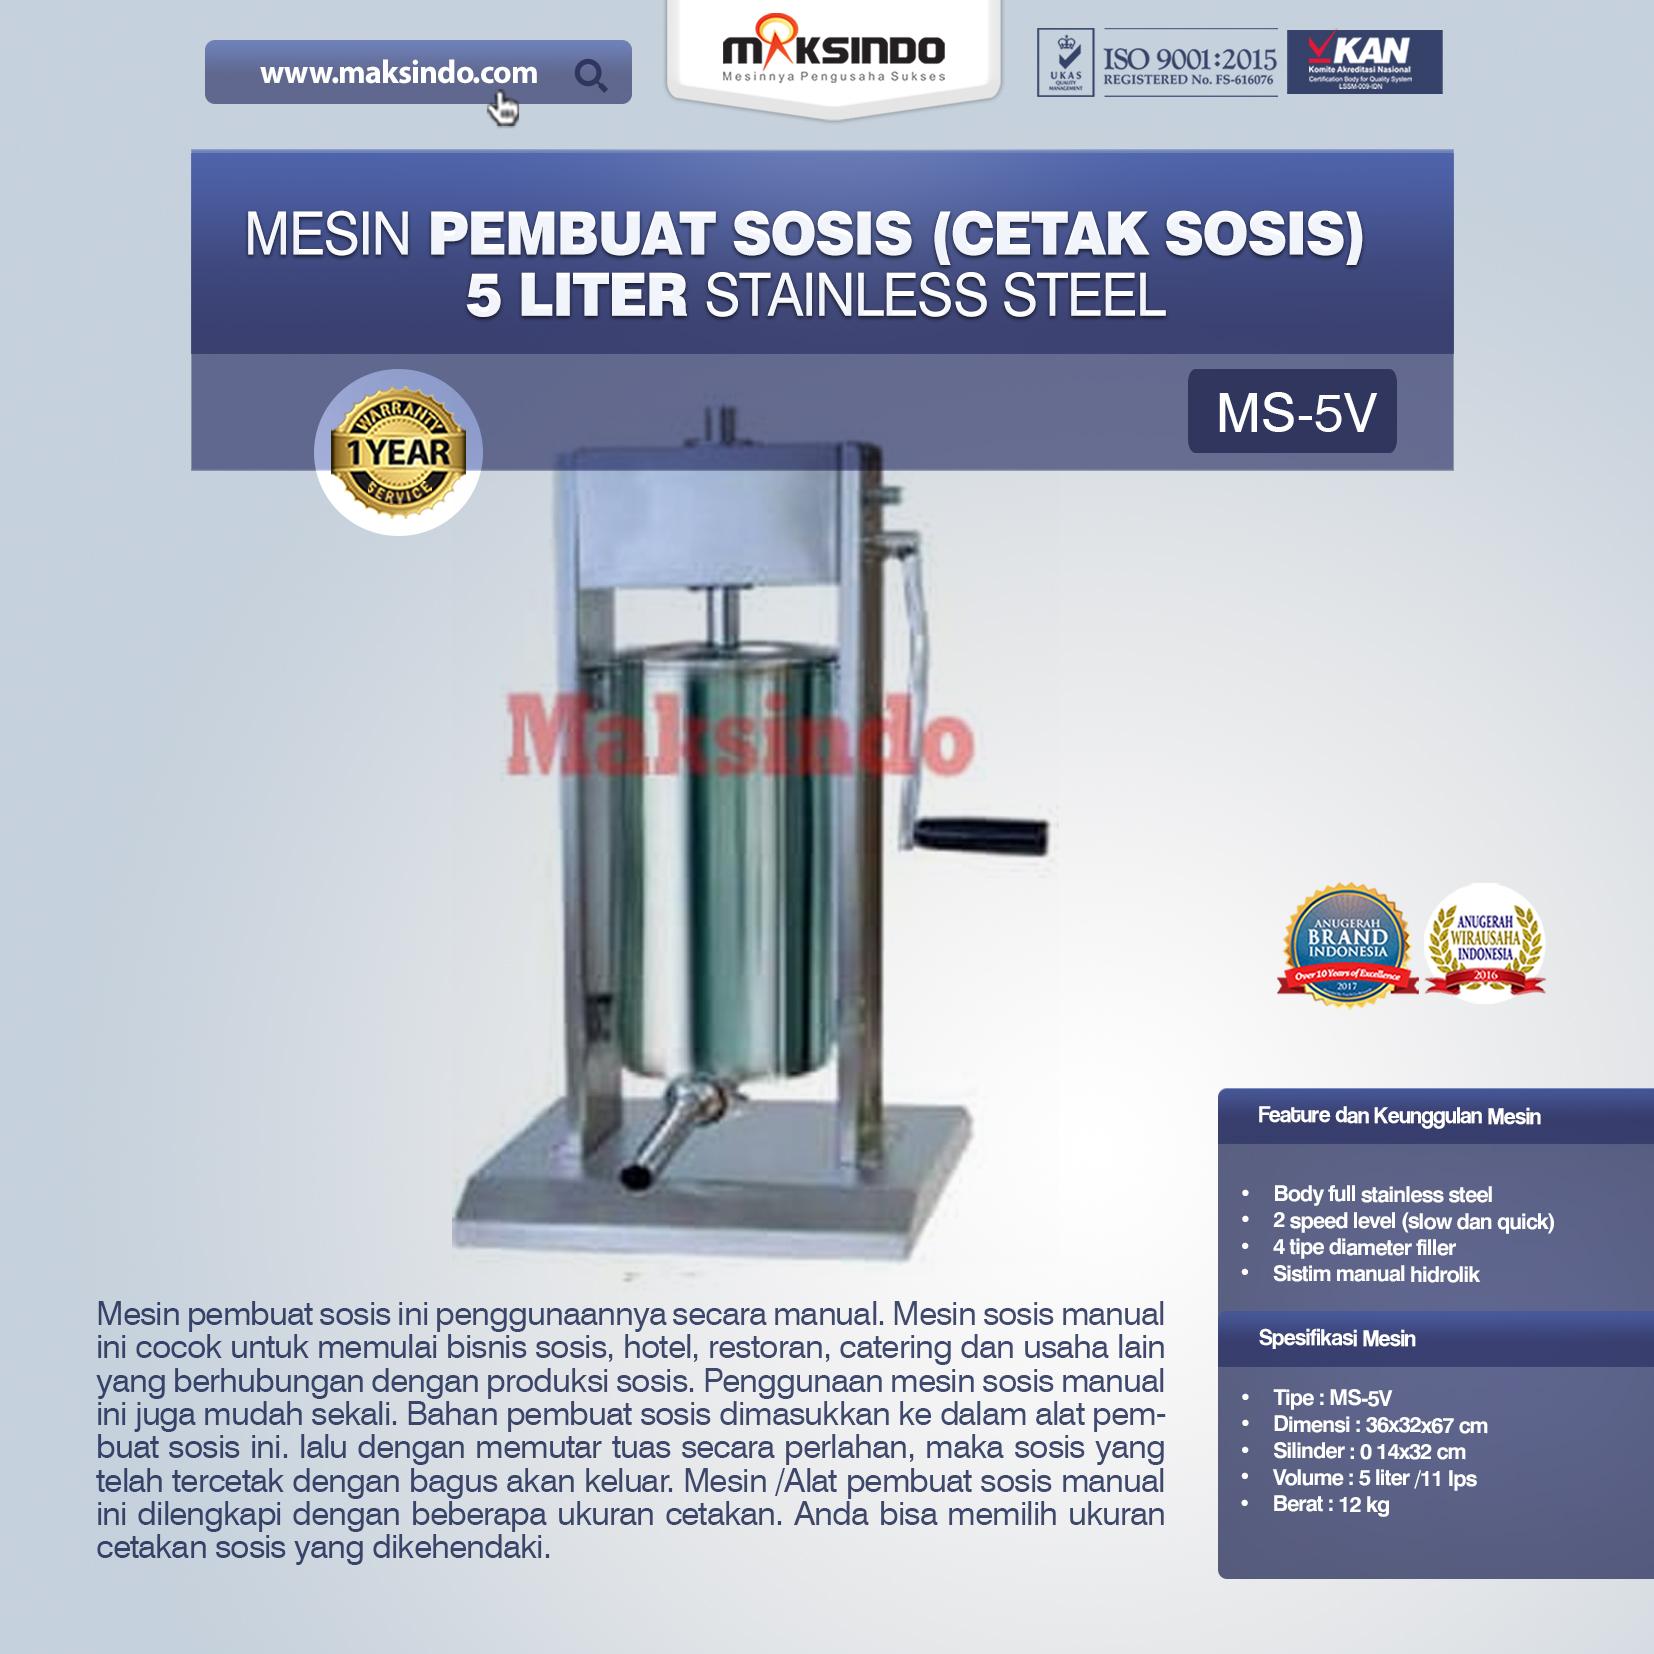 Jual Mesin Pembuat Sosis (Cetak Sosis) Stainless Steel di Bandung